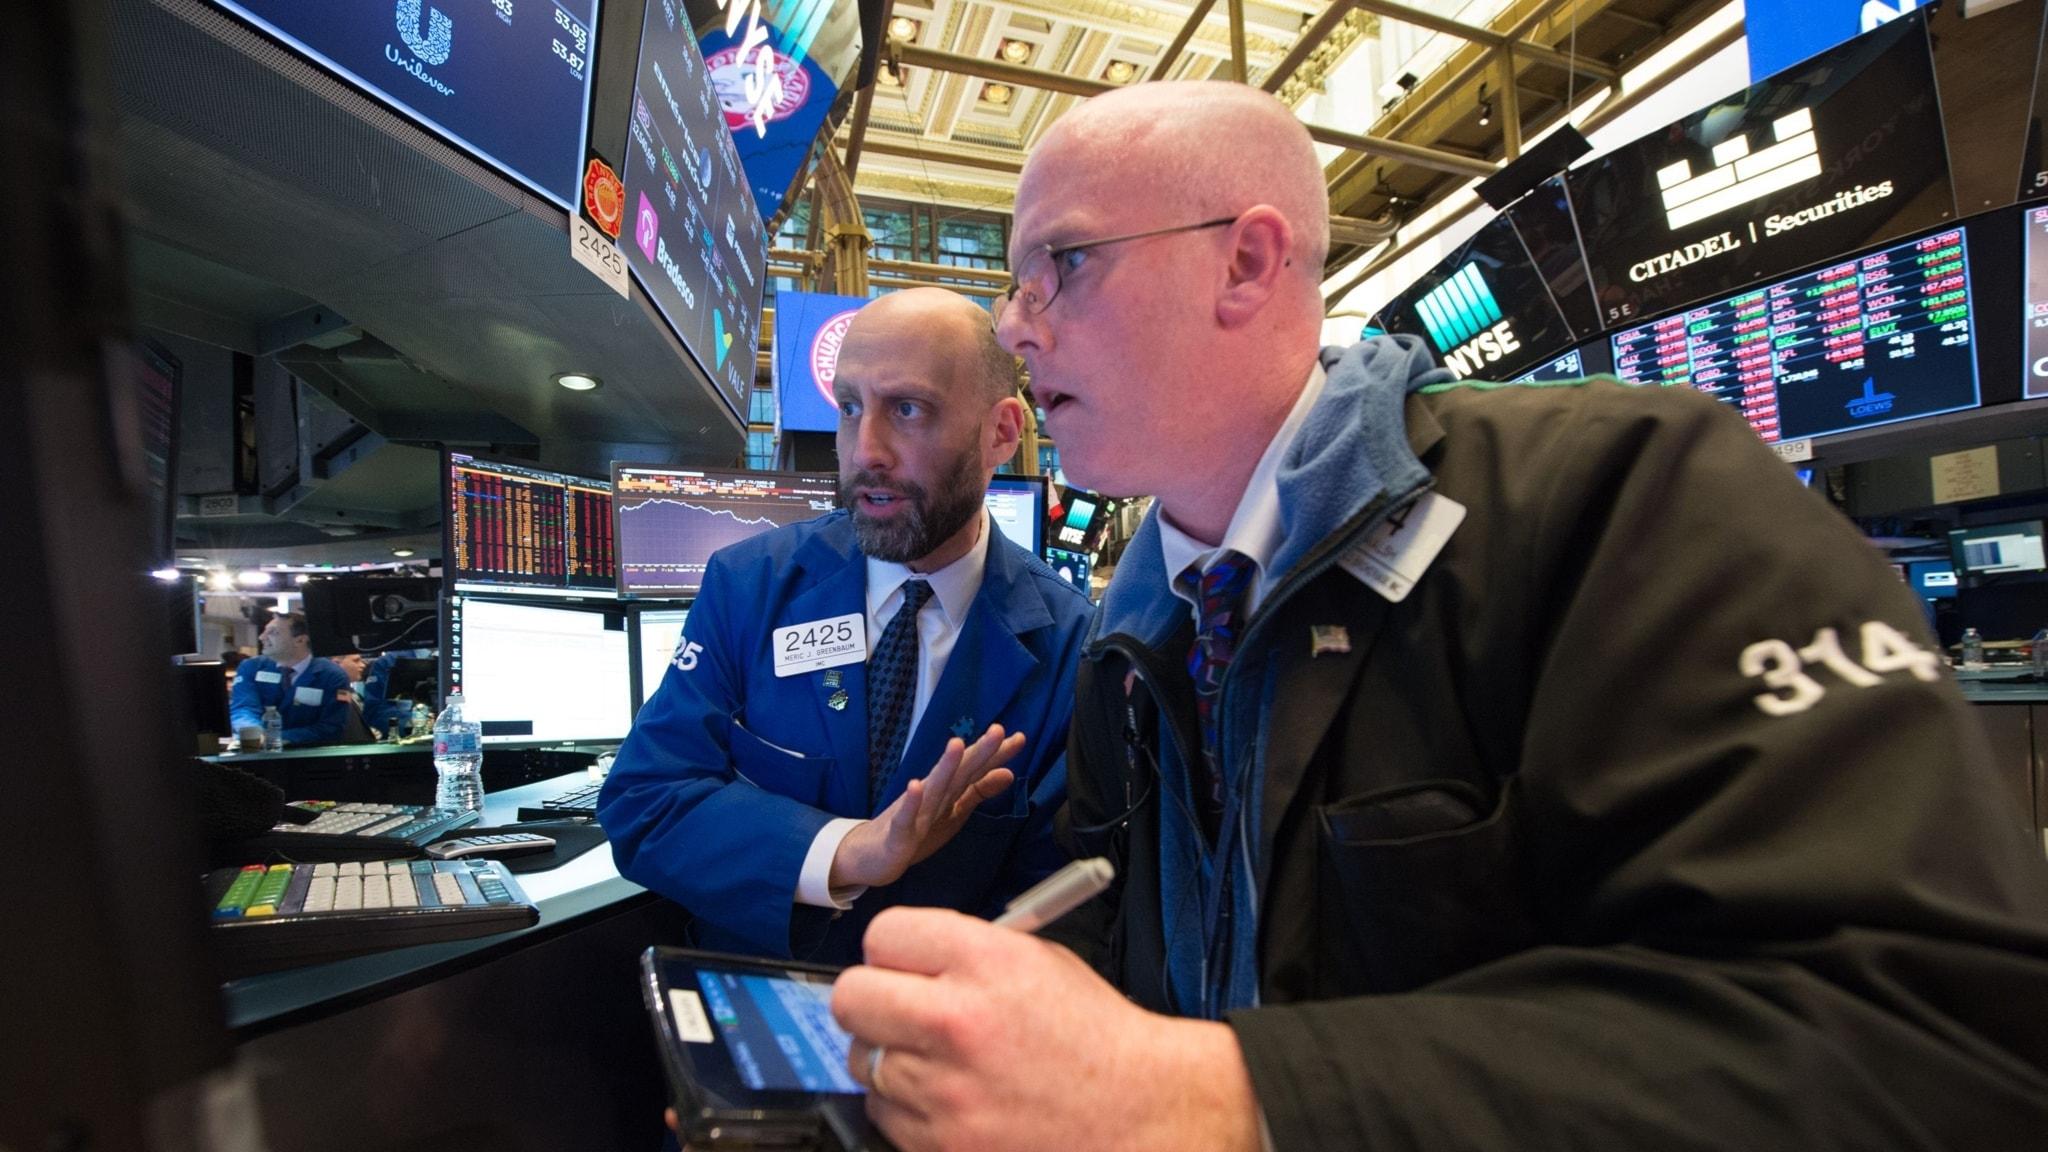 Börsen - ett casino på steroider? Och om lyxbyggare i knipa